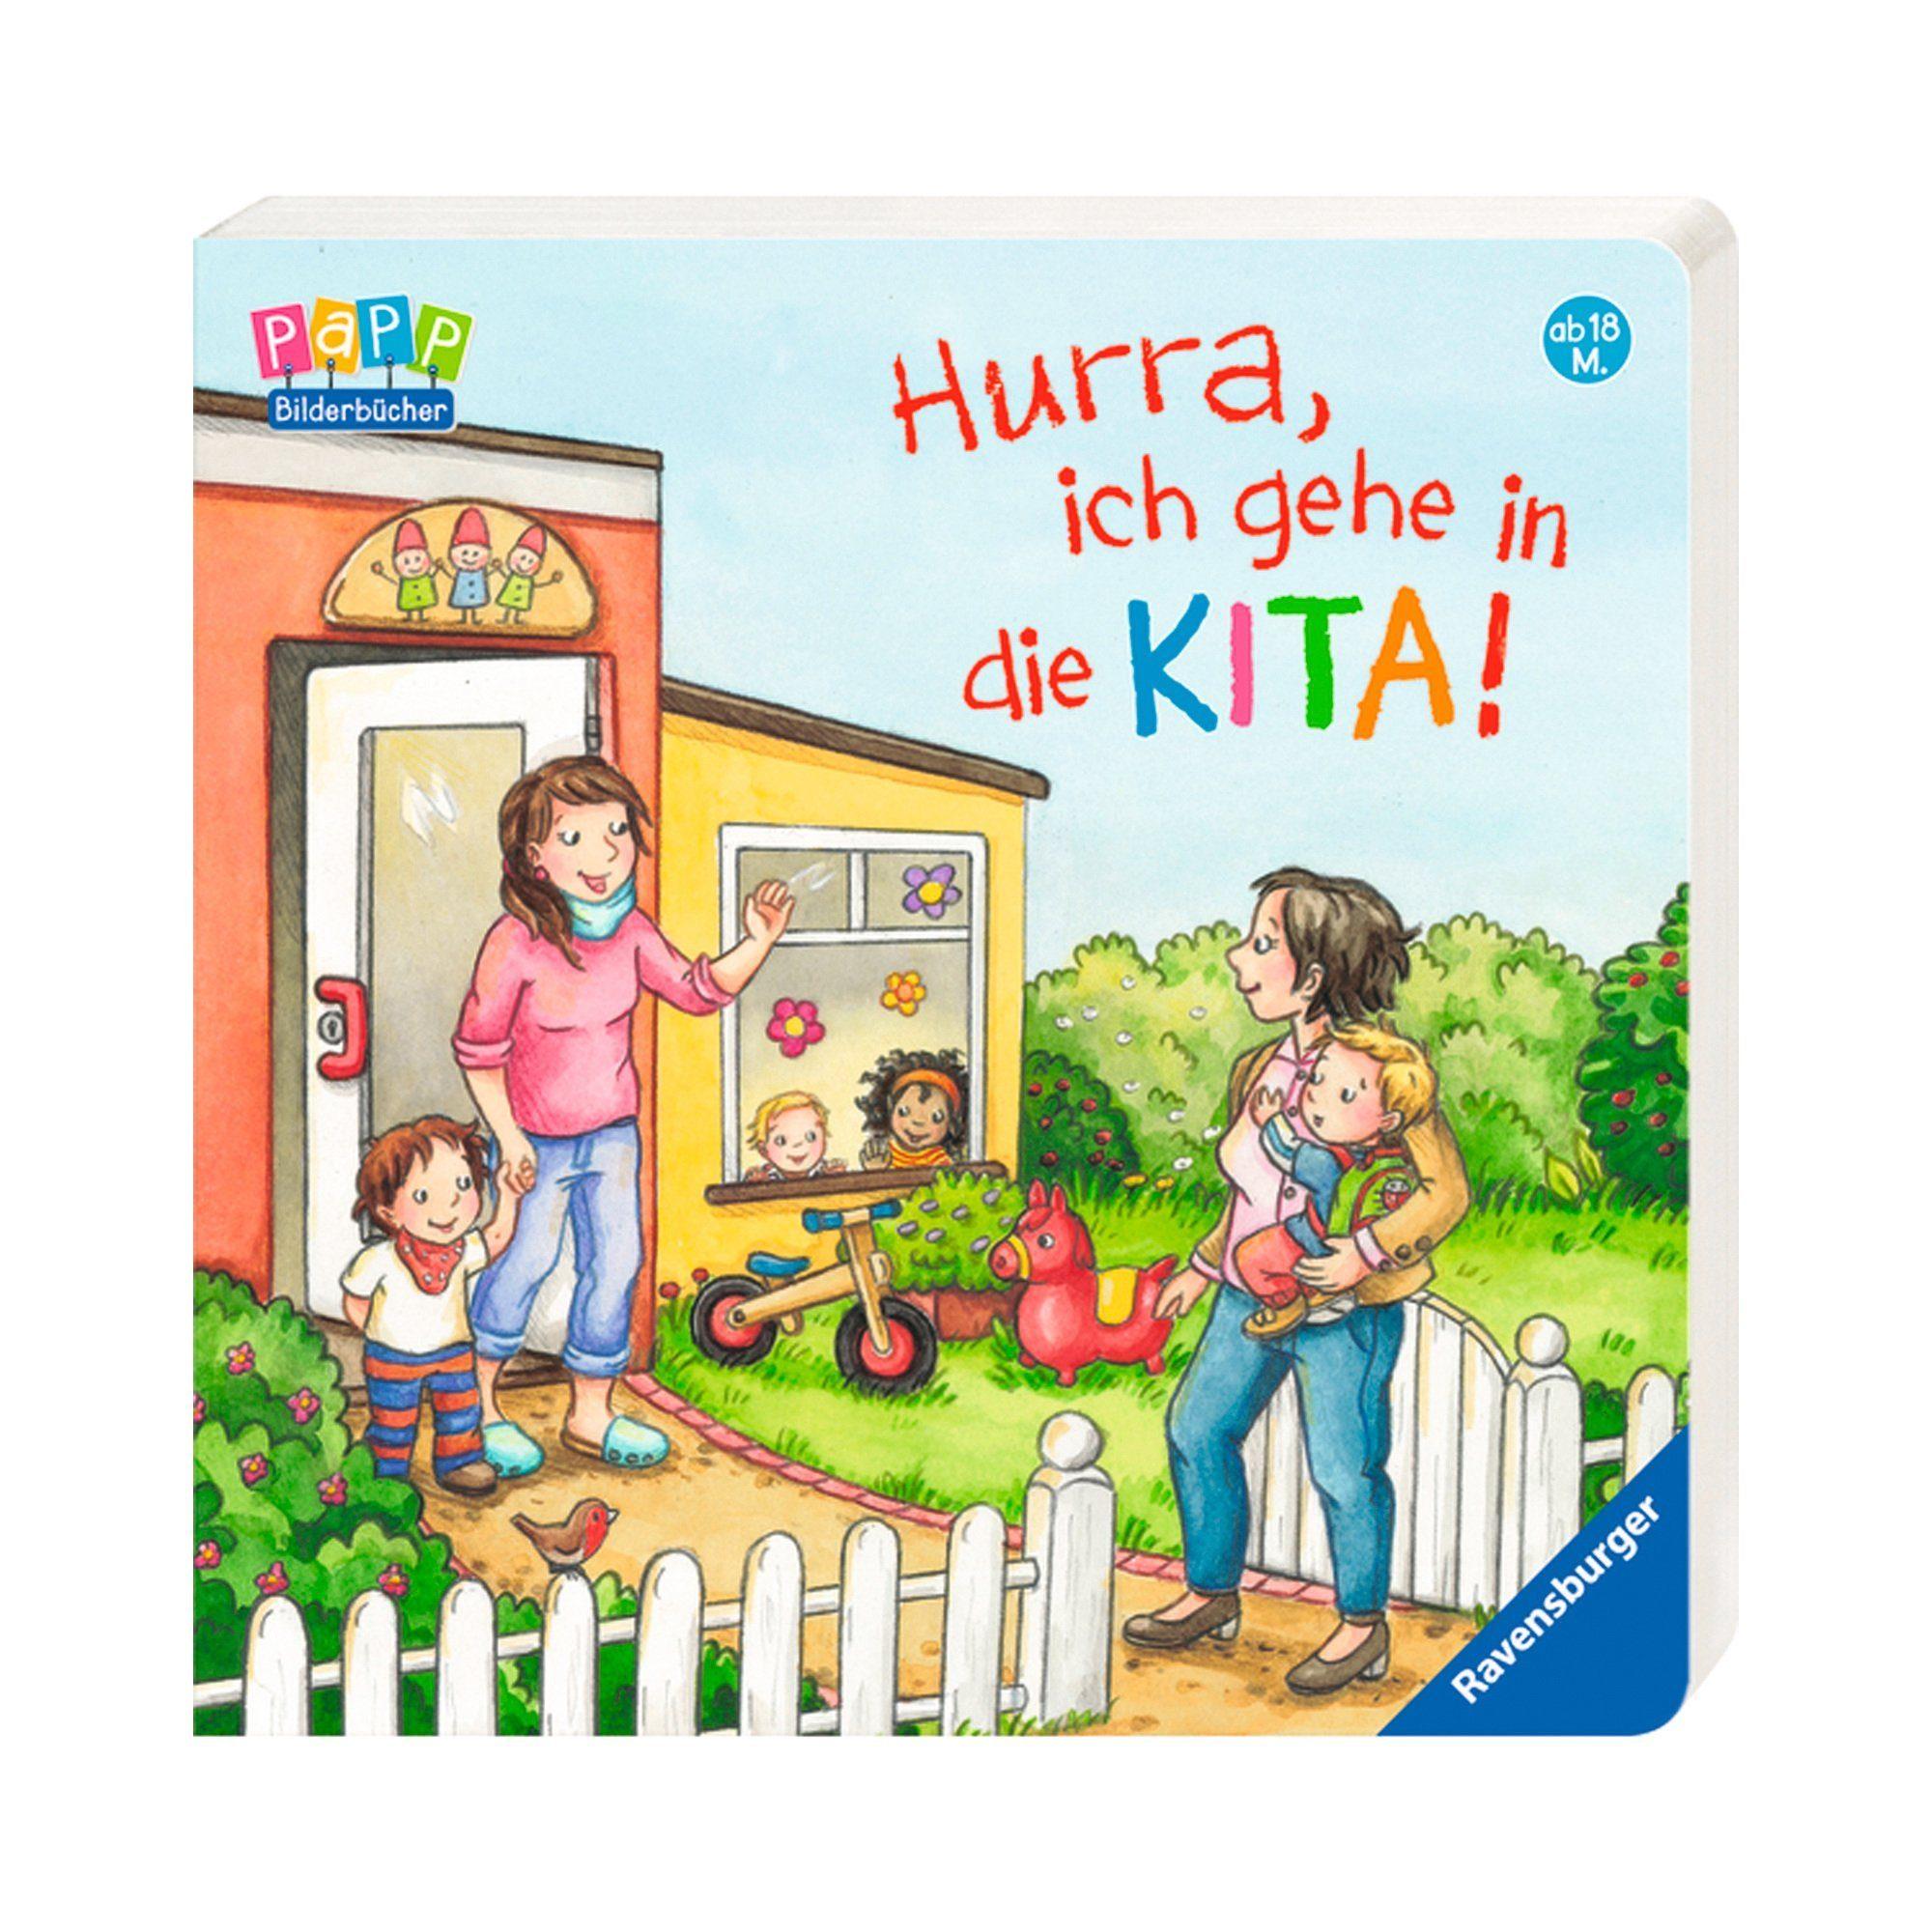 Ravensburger Pappbilderbuch-Hurra, ich gehe in die Kita!